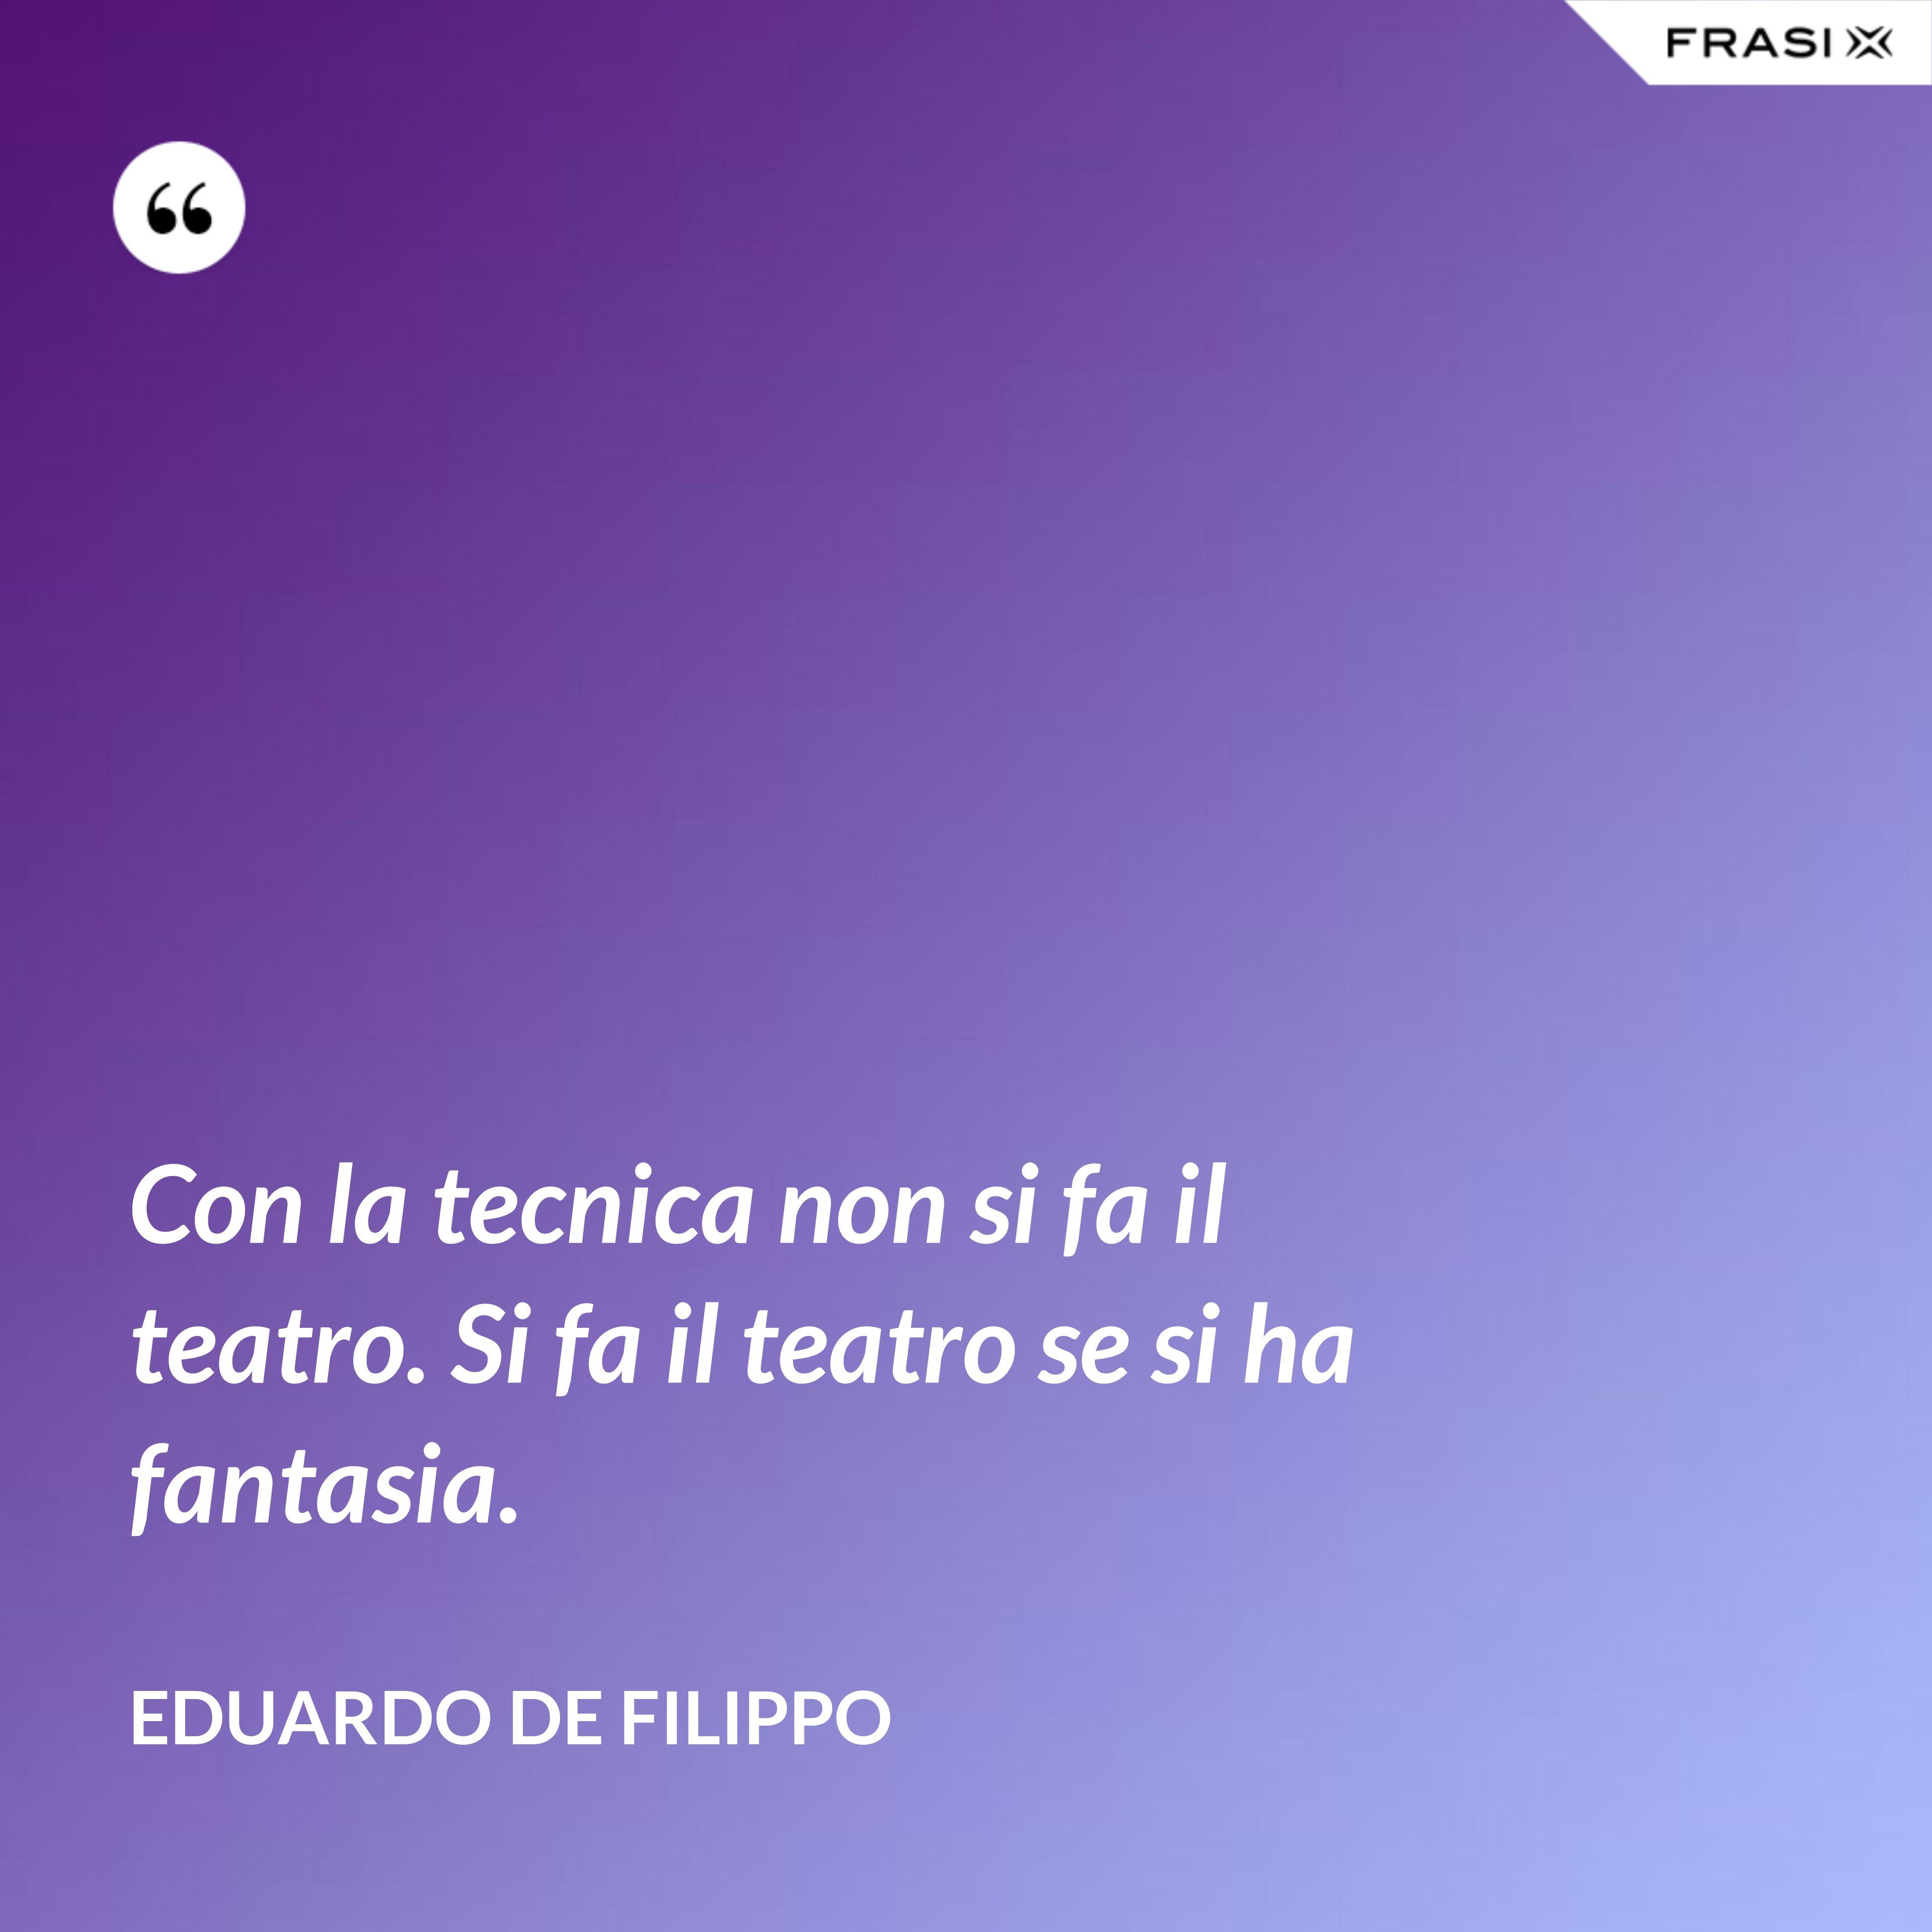 Con la tecnica non si fa il teatro. Si fa il teatro se si ha fantasia. - Eduardo De Filippo